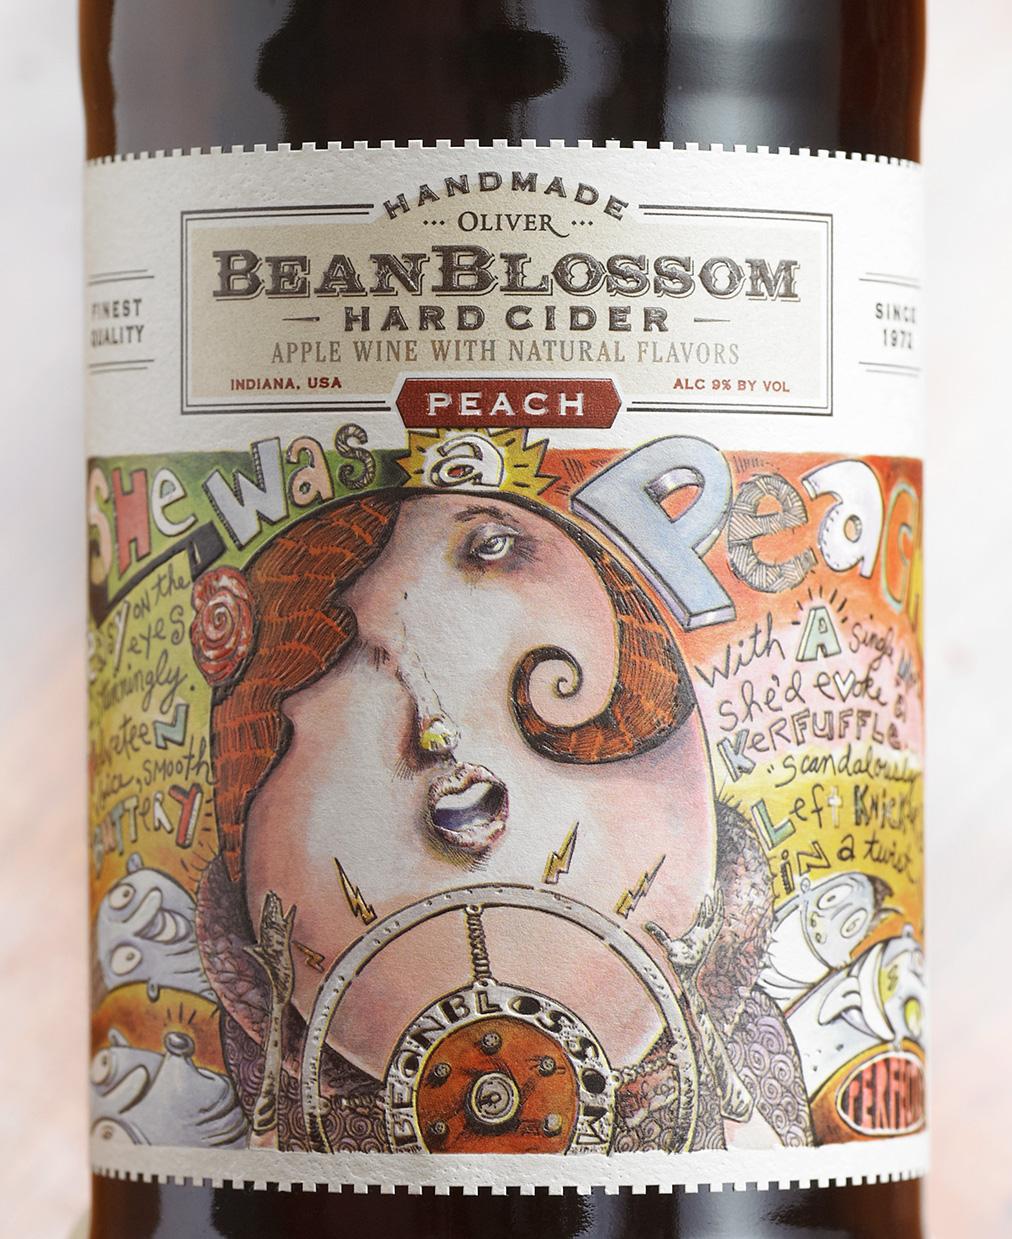 Bean Blossom Peach label-2.jpg